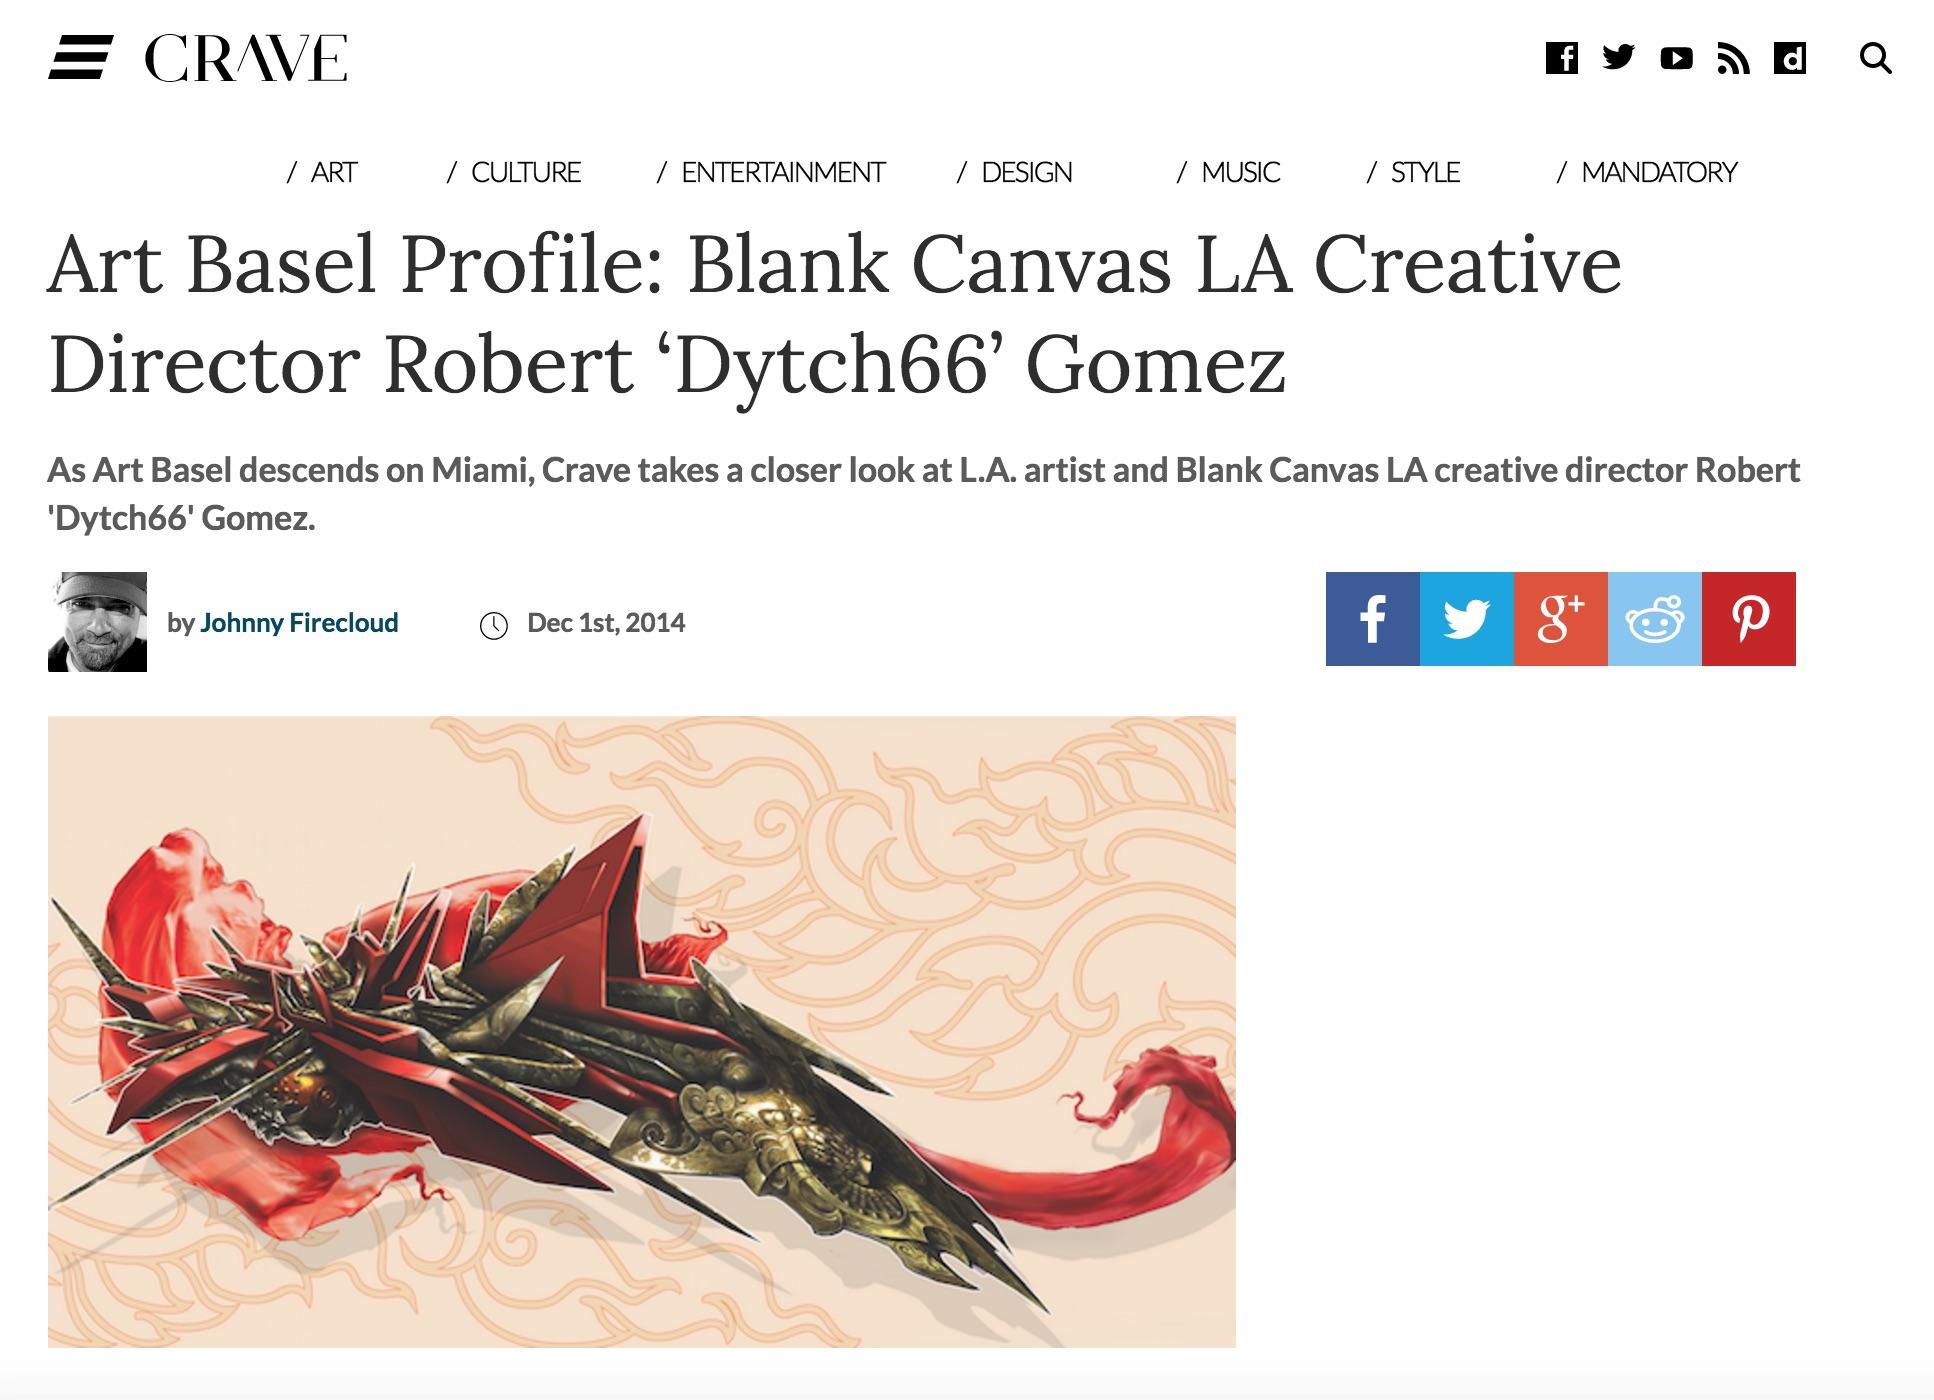 crave online art basel profile copy.jpg